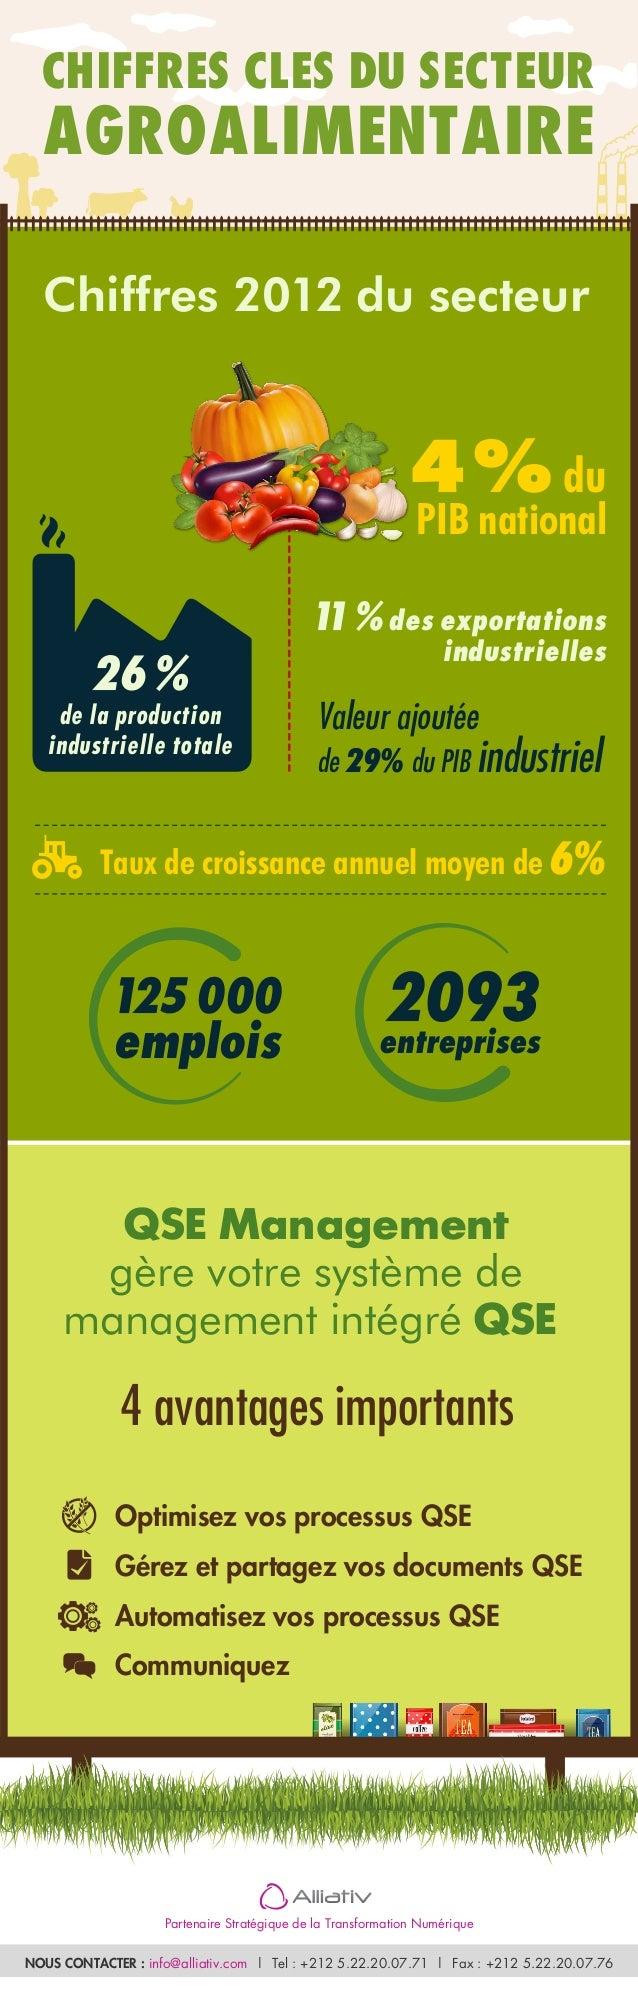 CHIFFRES CLES DU SECTEUR  AGROALIMENTAIRE  Chiffres 2012 du secteur  26%  de la production  industrielle totale  4% du  PI...